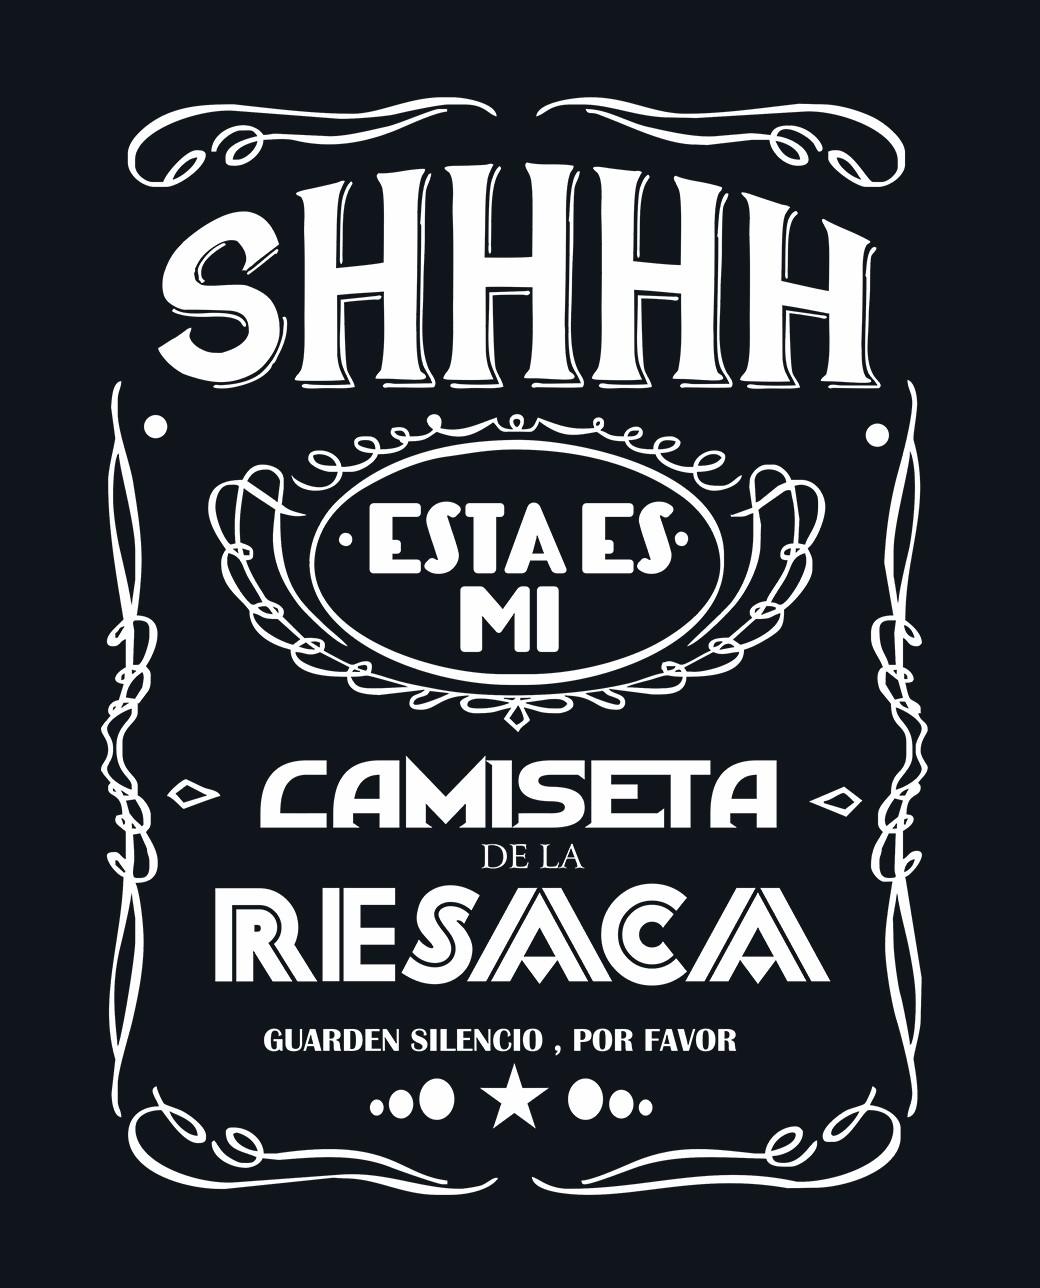 RESACA